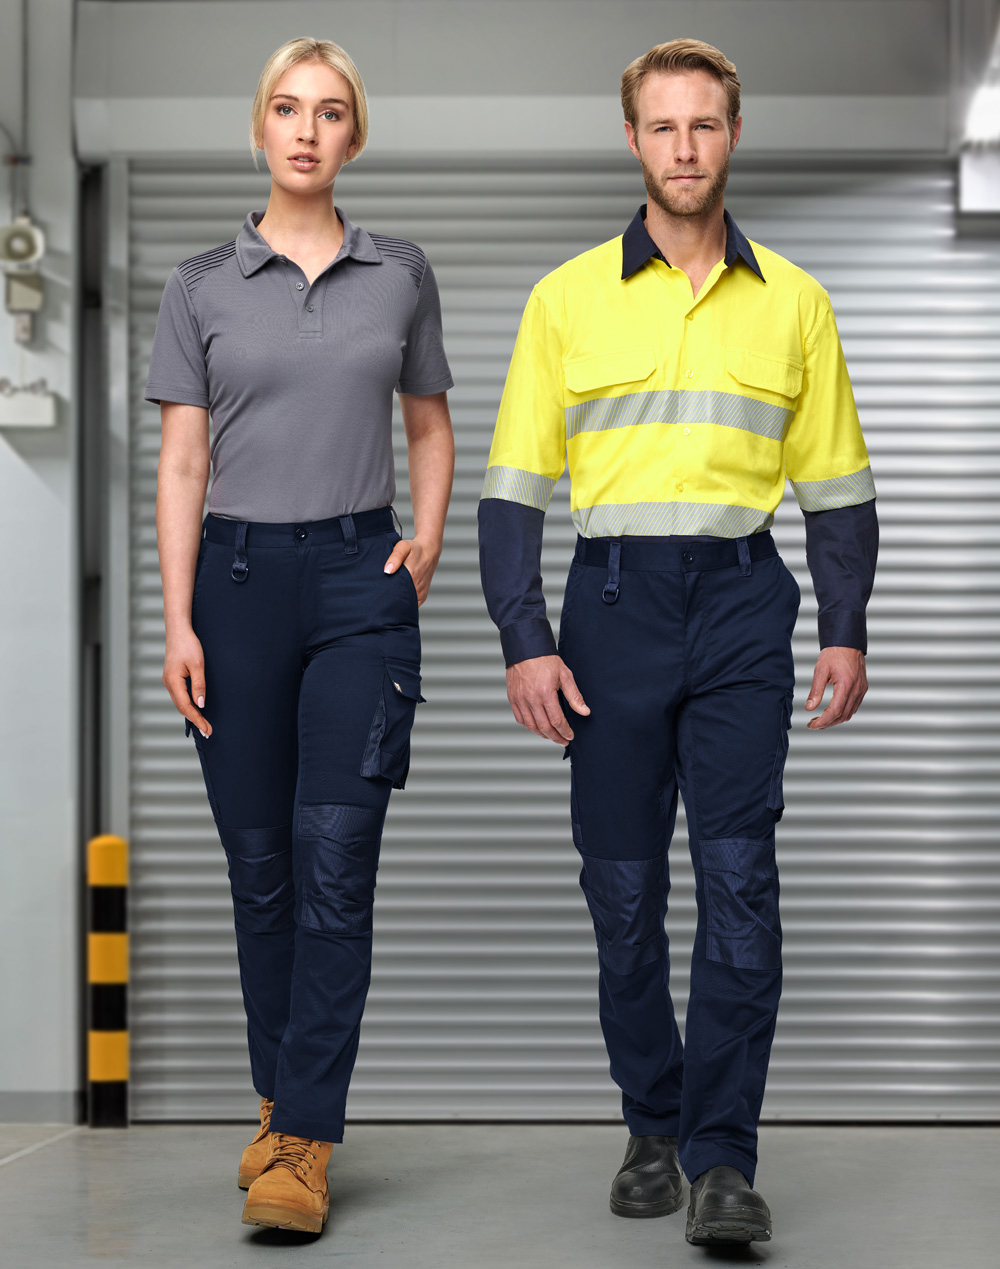 WP05 Unisex Utility Stretch Cargo Work Pants